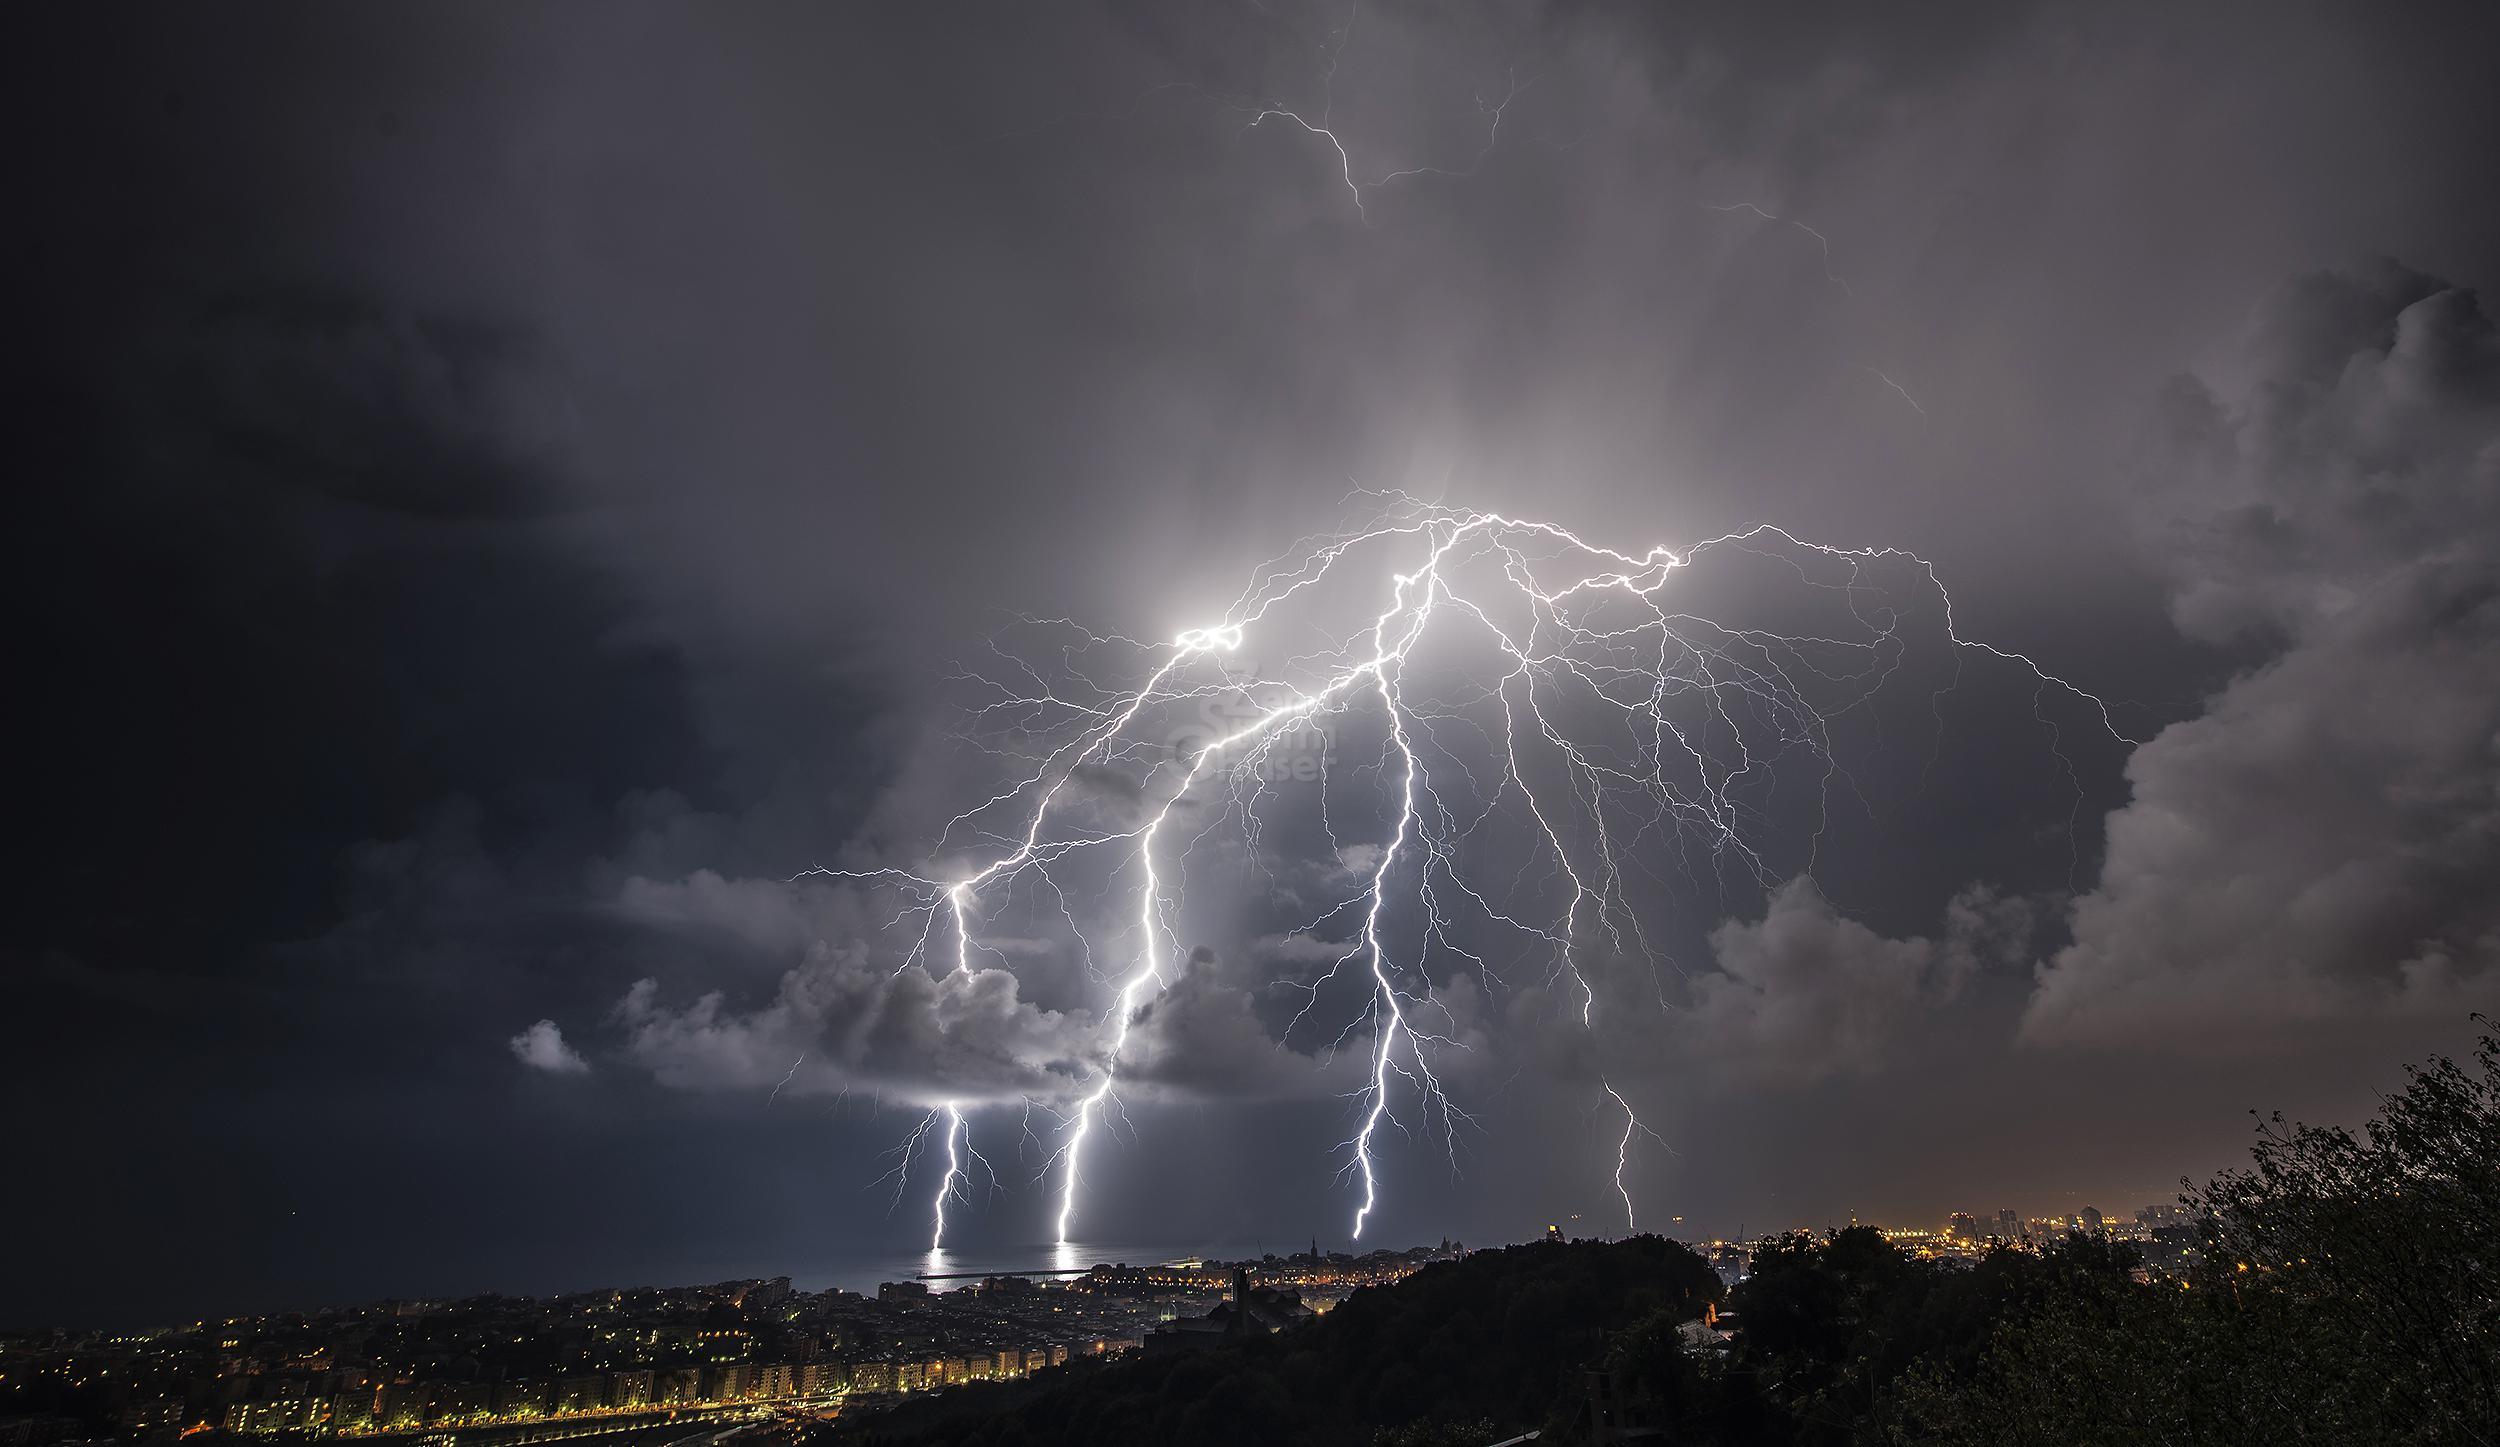 Forti temporali e intense piogge l'allerta meteo per domenica in Fvg